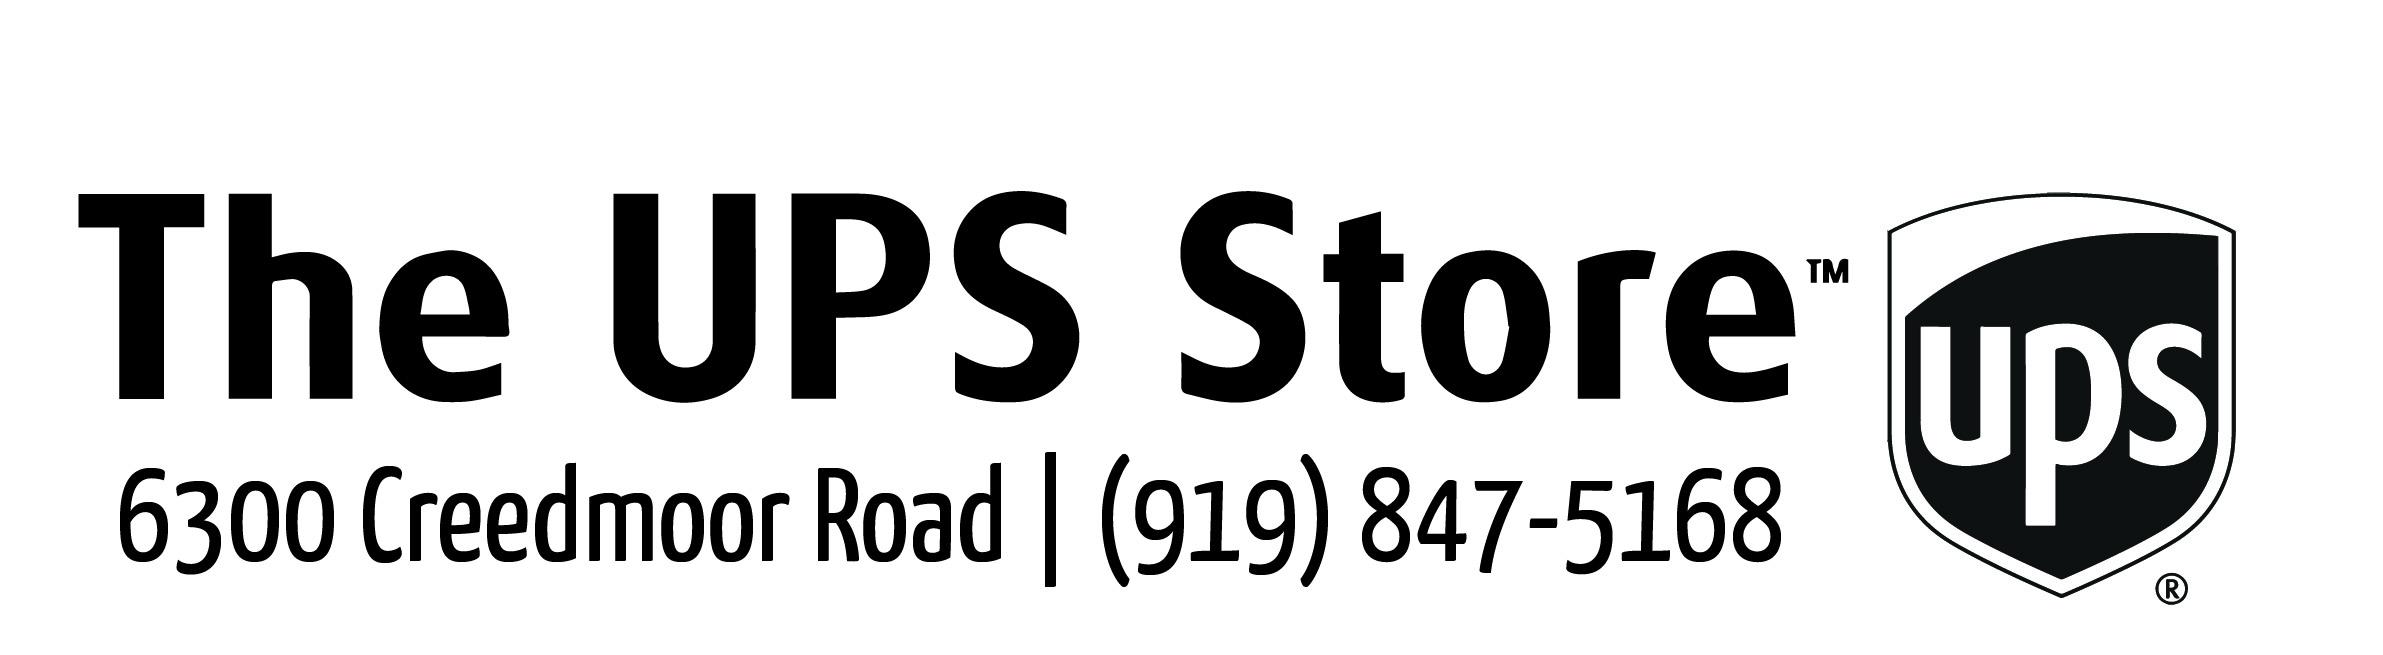 Sponsor The UPS Store (on Creedmoor Road) #5879